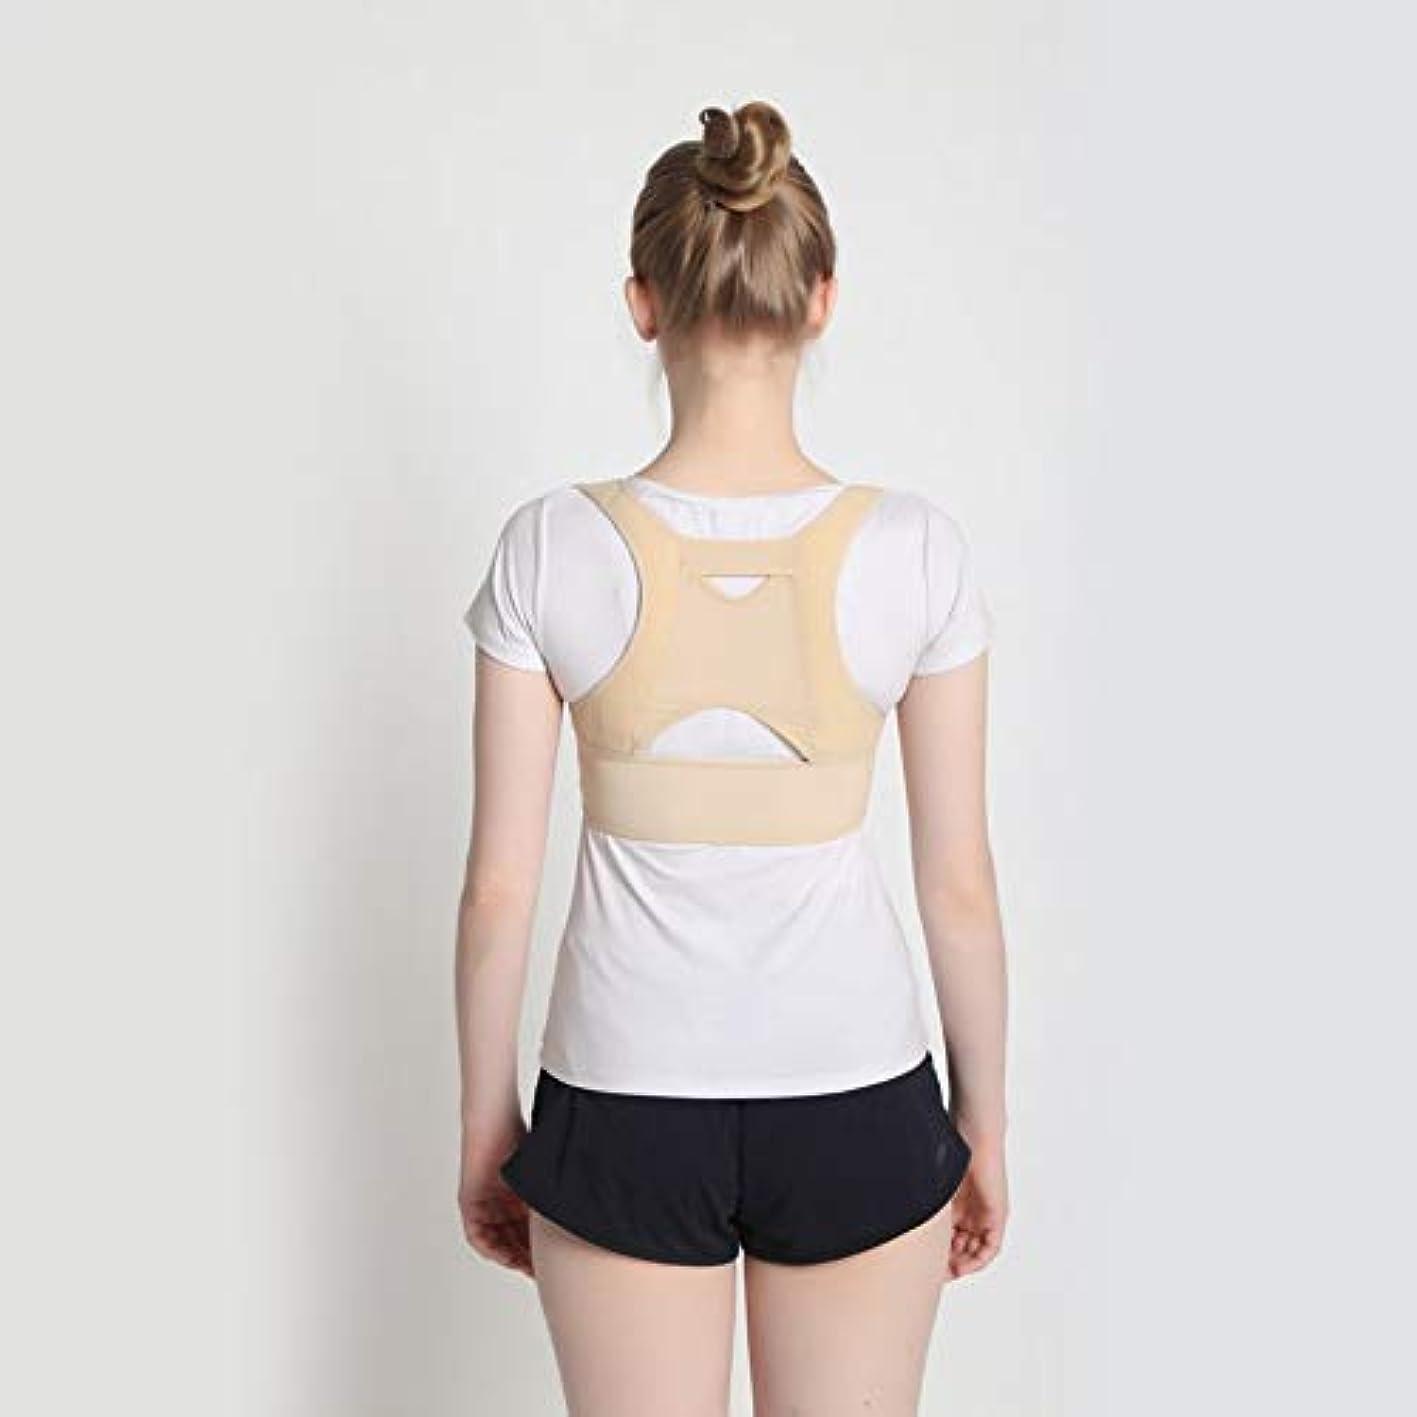 エンターテインメントハブ神秘的な通気性のある女性の背中の姿勢矯正コルセット整形外科の肩の背骨の背骨の姿勢矯正腰椎サポート